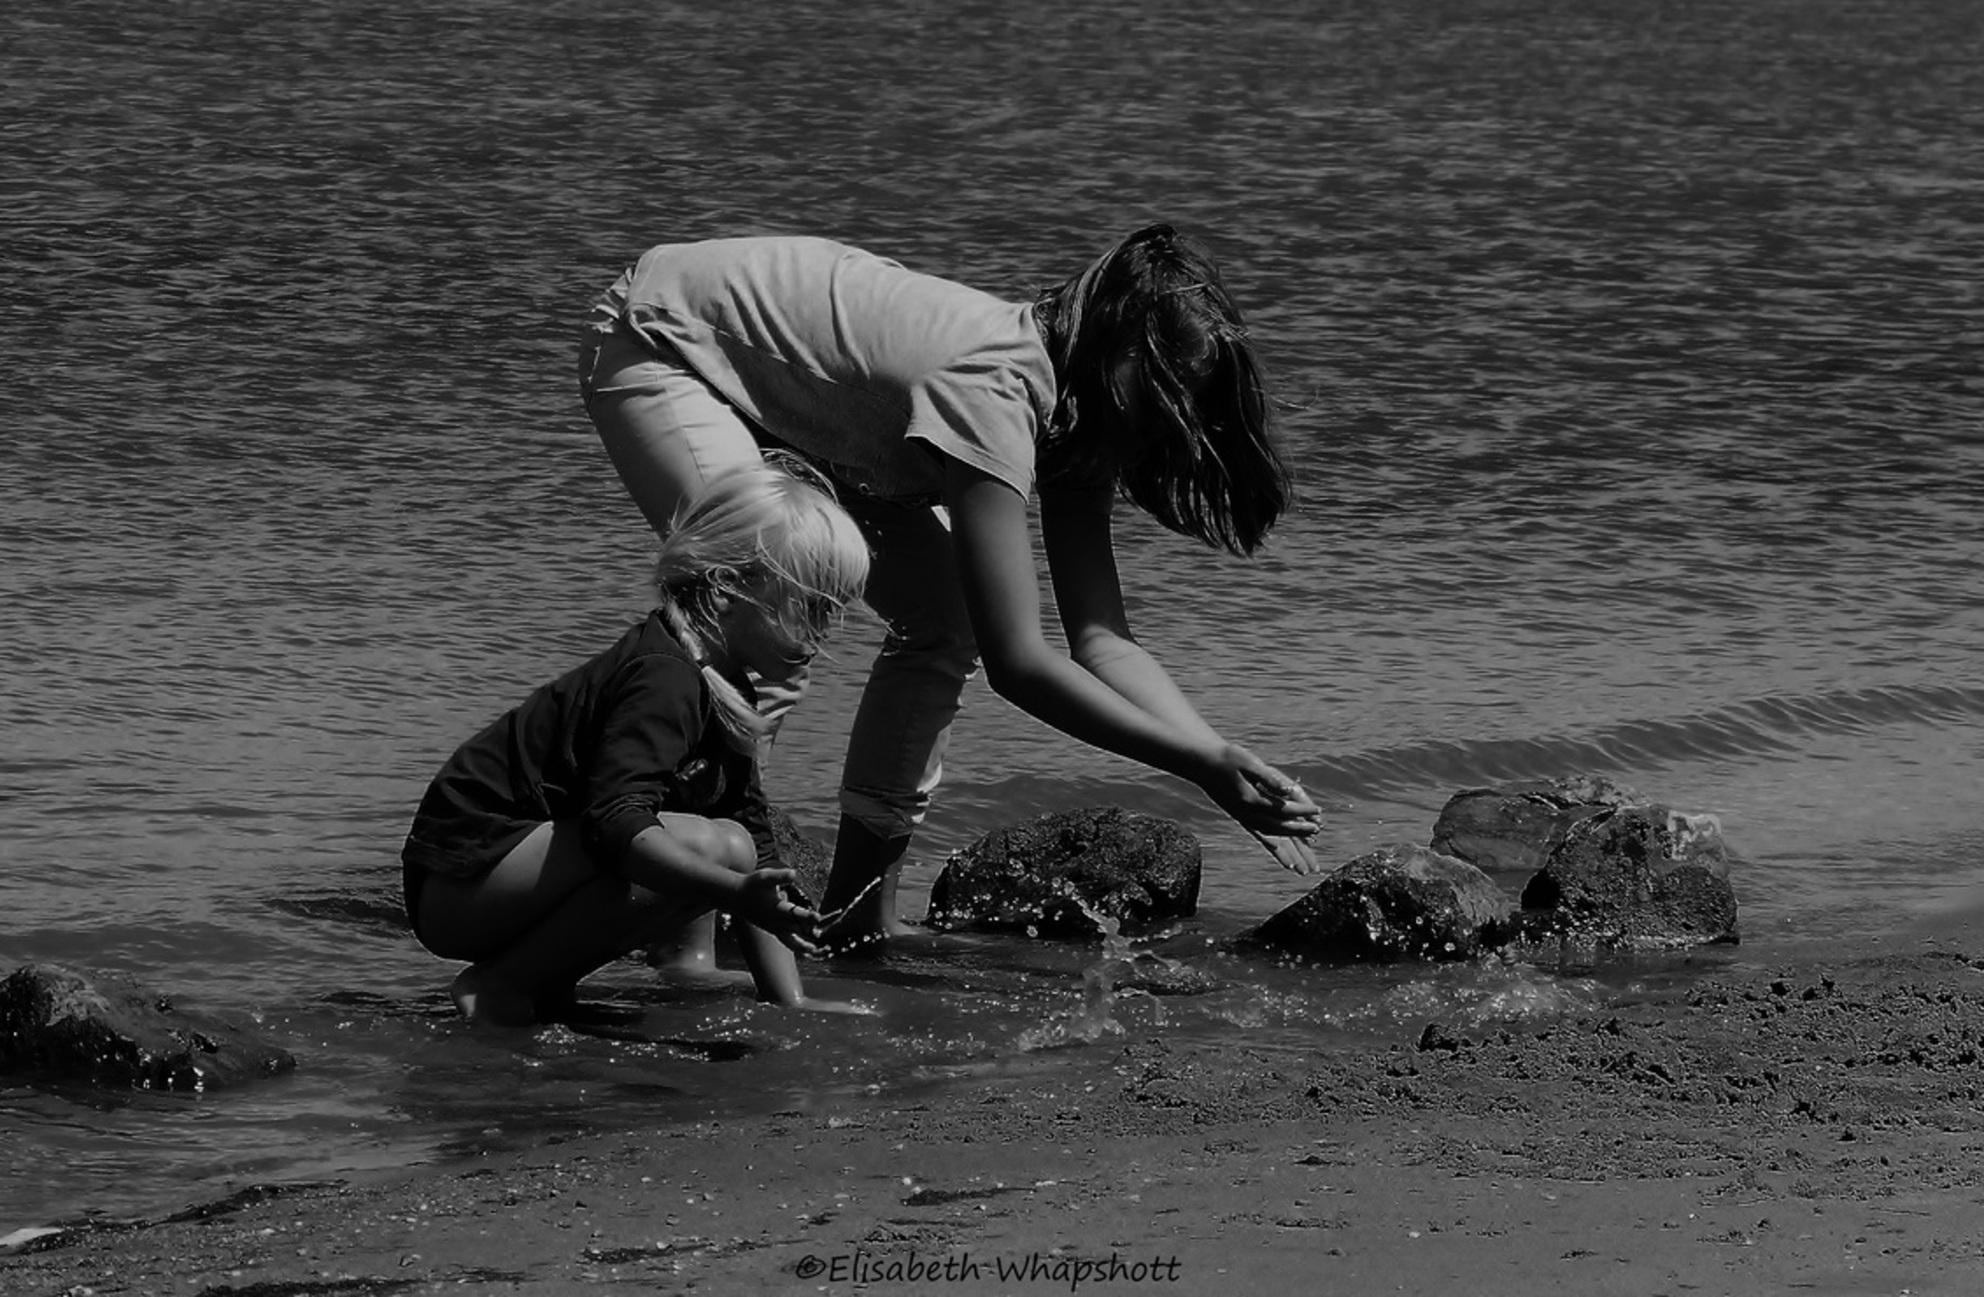 Caught up in innocence - - - foto door lisaliz80 op 26-09-2016 - deze foto bevat: water, gezelligheid, spelen, liefde, zomer, kind, lachen, meisje, plezier, warm, family, spetters, tiener, kleuter, zwart-wit - Deze foto mag gebruikt worden in een Zoom.nl publicatie